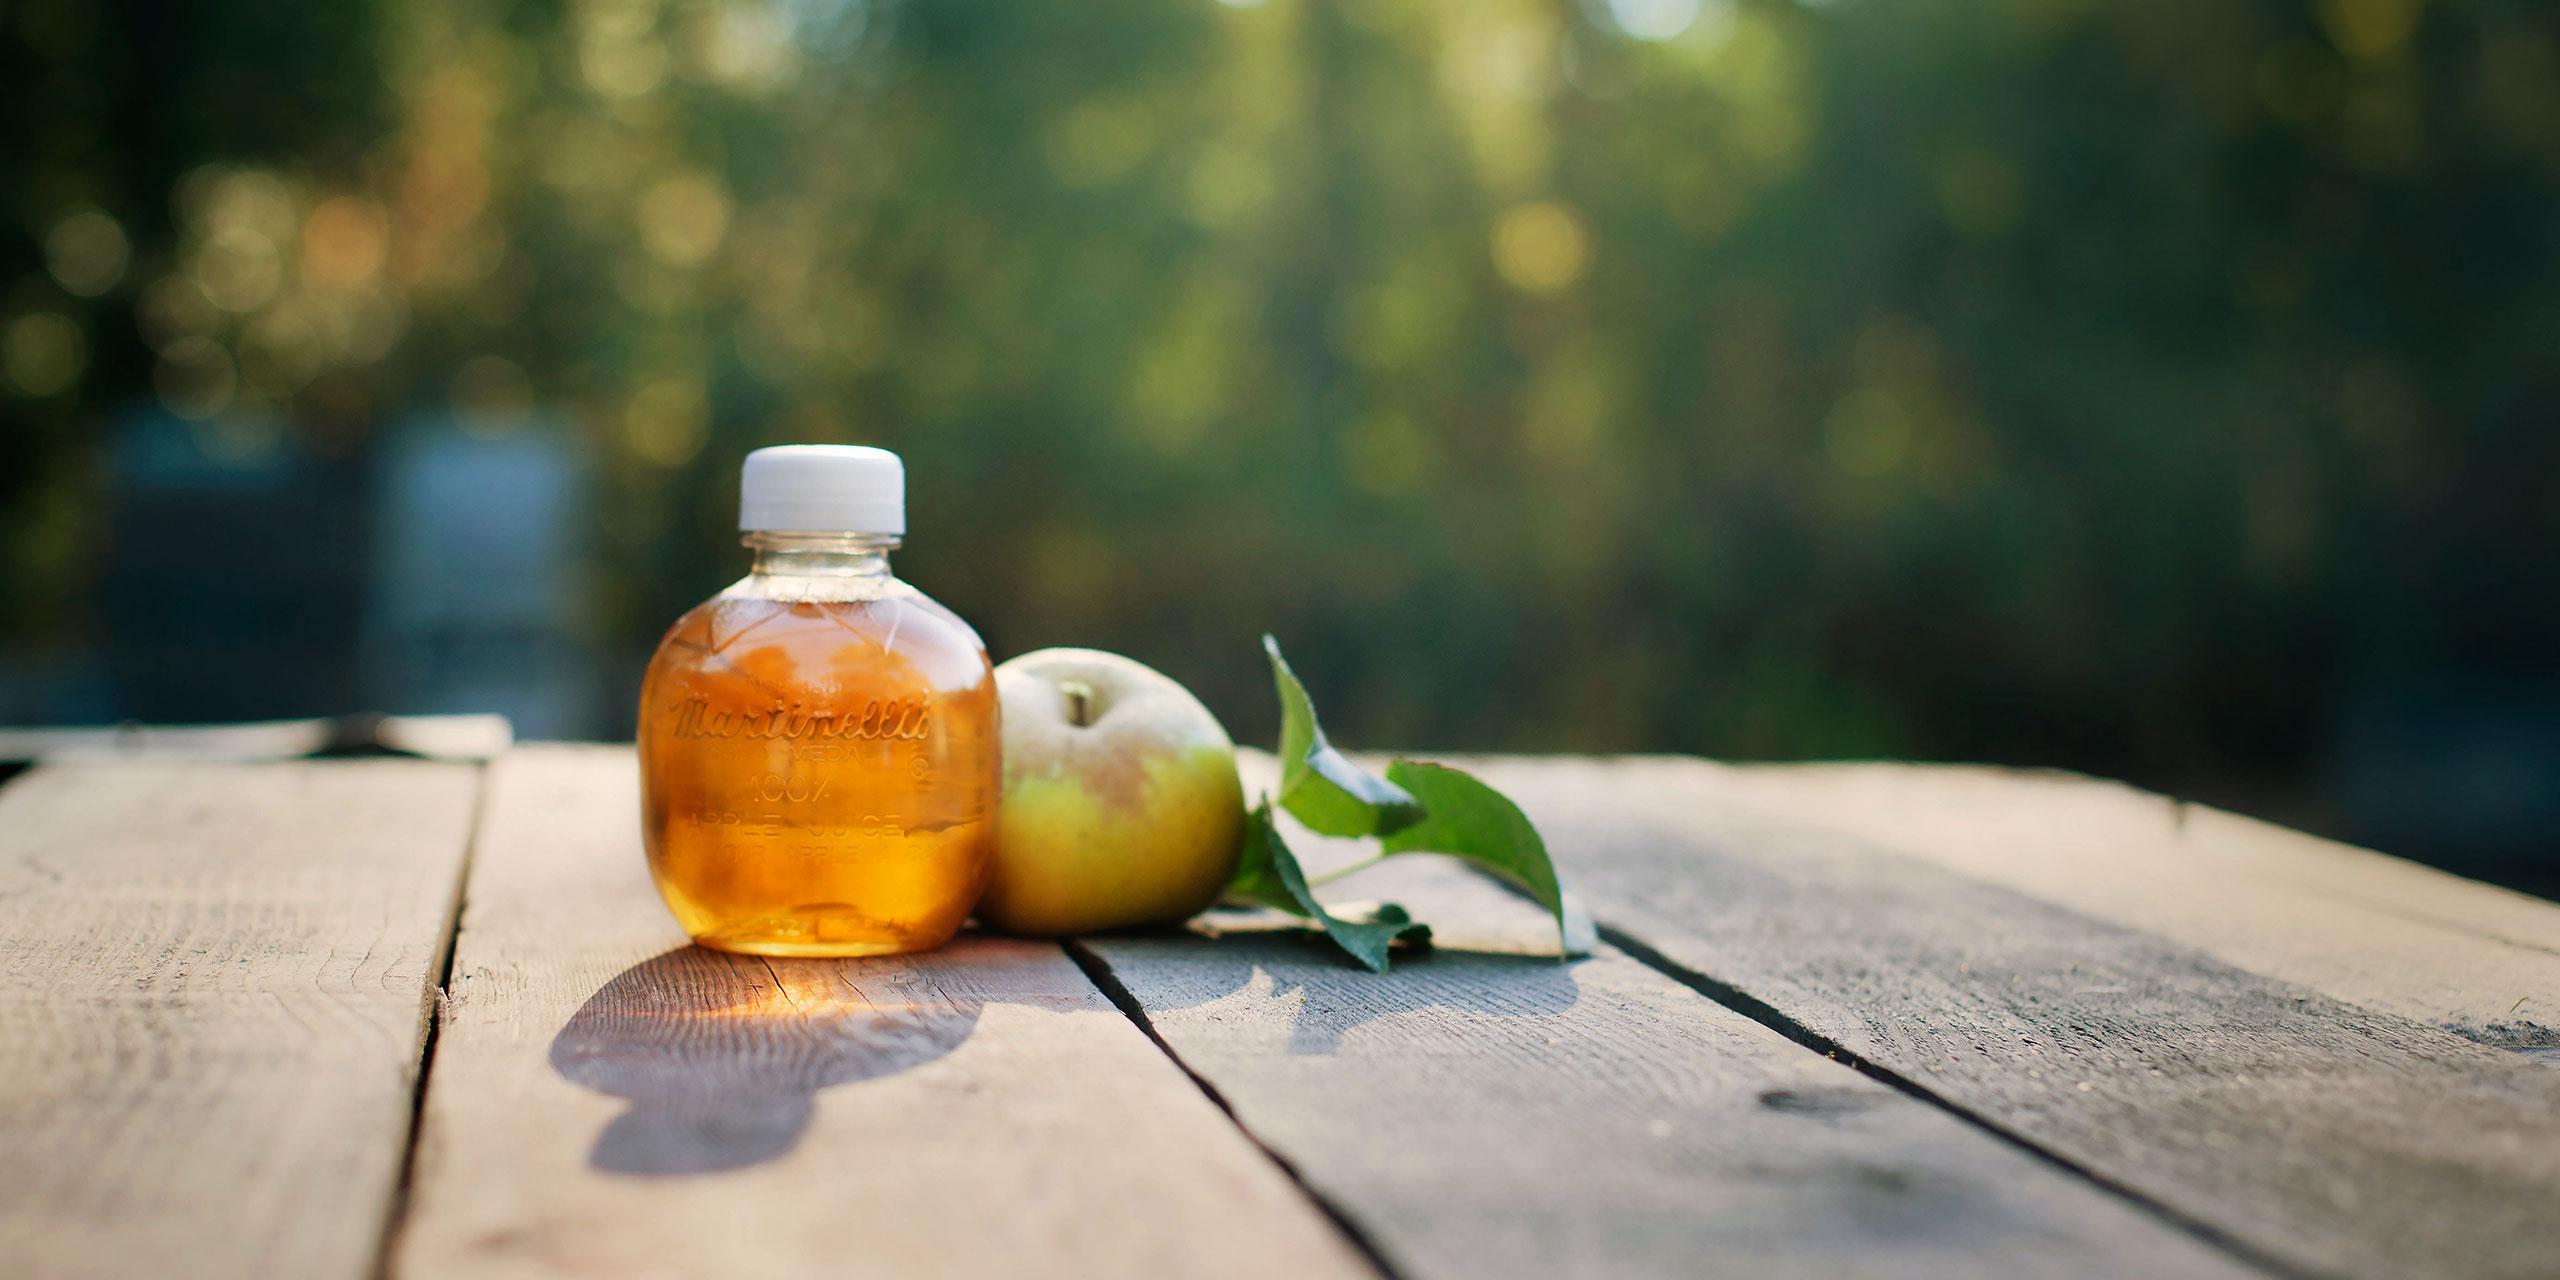 100 Apple Juice 10oz Pet Bottle Still Juices S